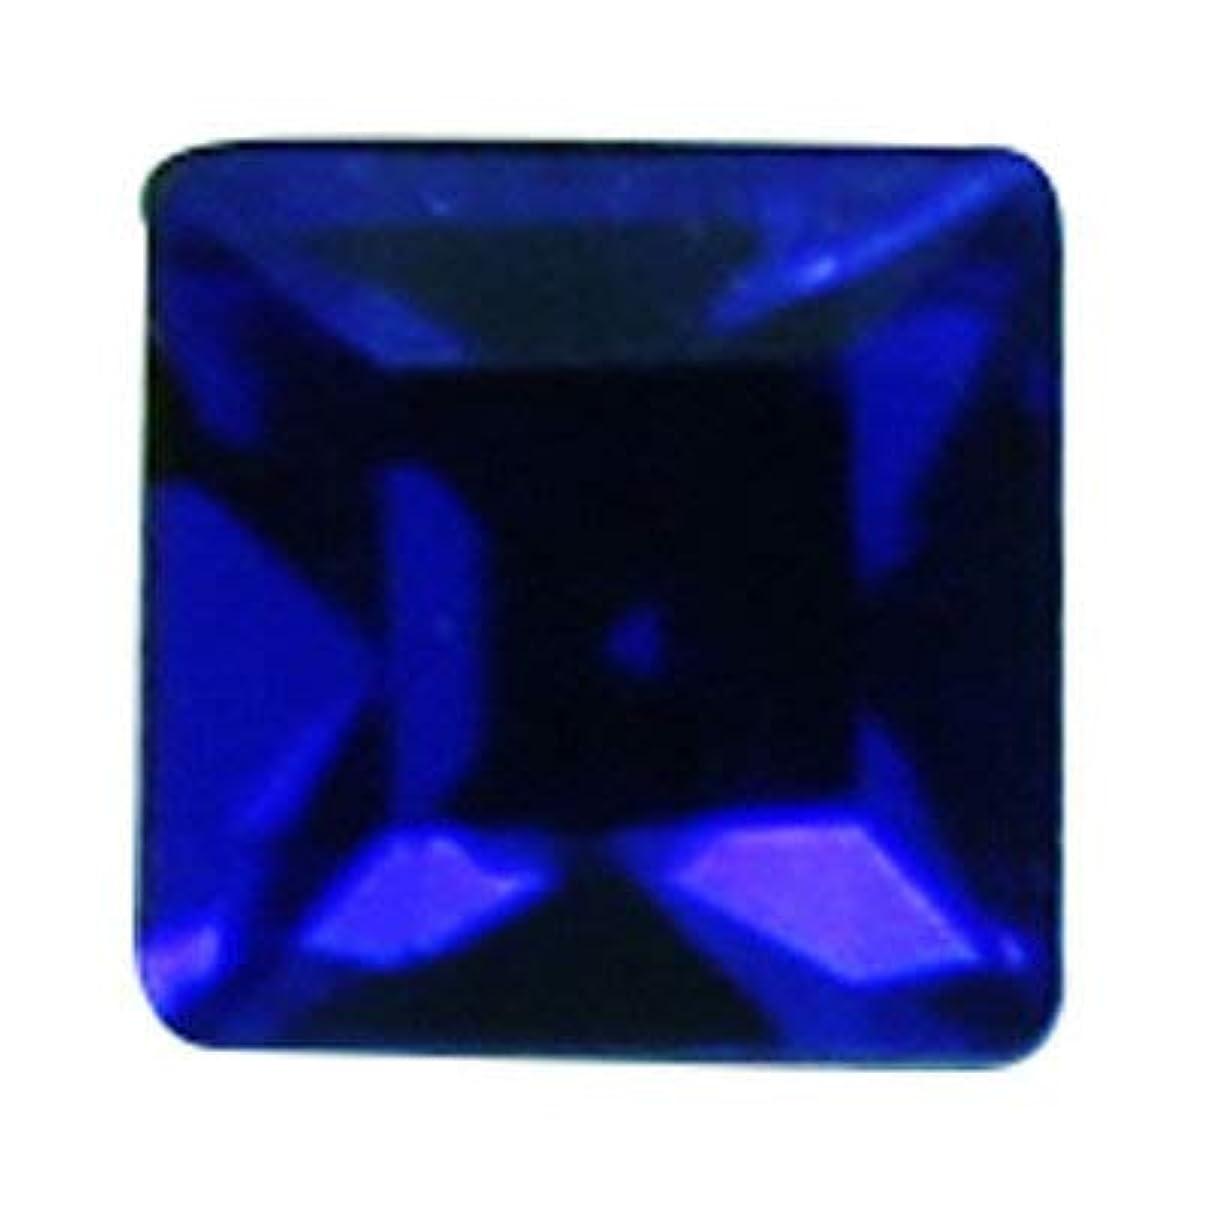 症候群血統ファントムSWAROVSKI マジェスティック?ブルー 3mm #4428 スクエア 24P